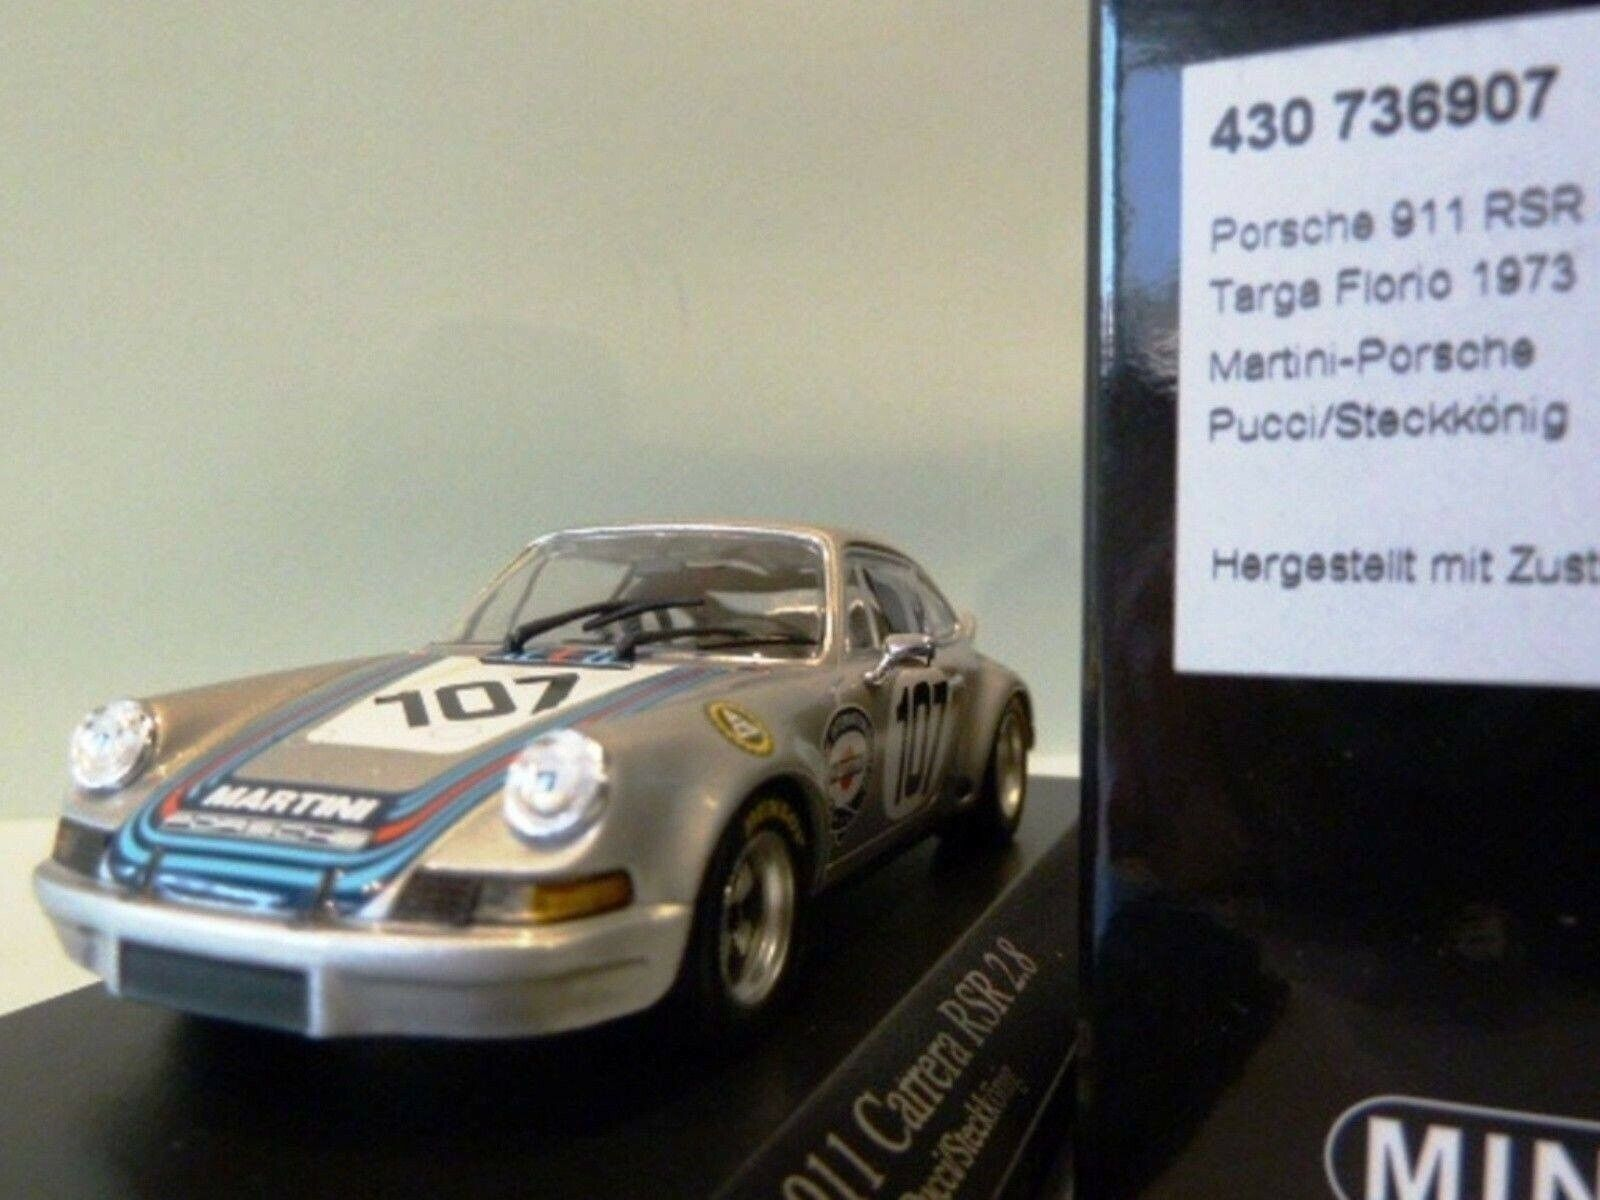 WOW EXTREMELY RARE Porsche 911 RSR 2.8 Martini Targa Florio 1973 1 43 Minichamps